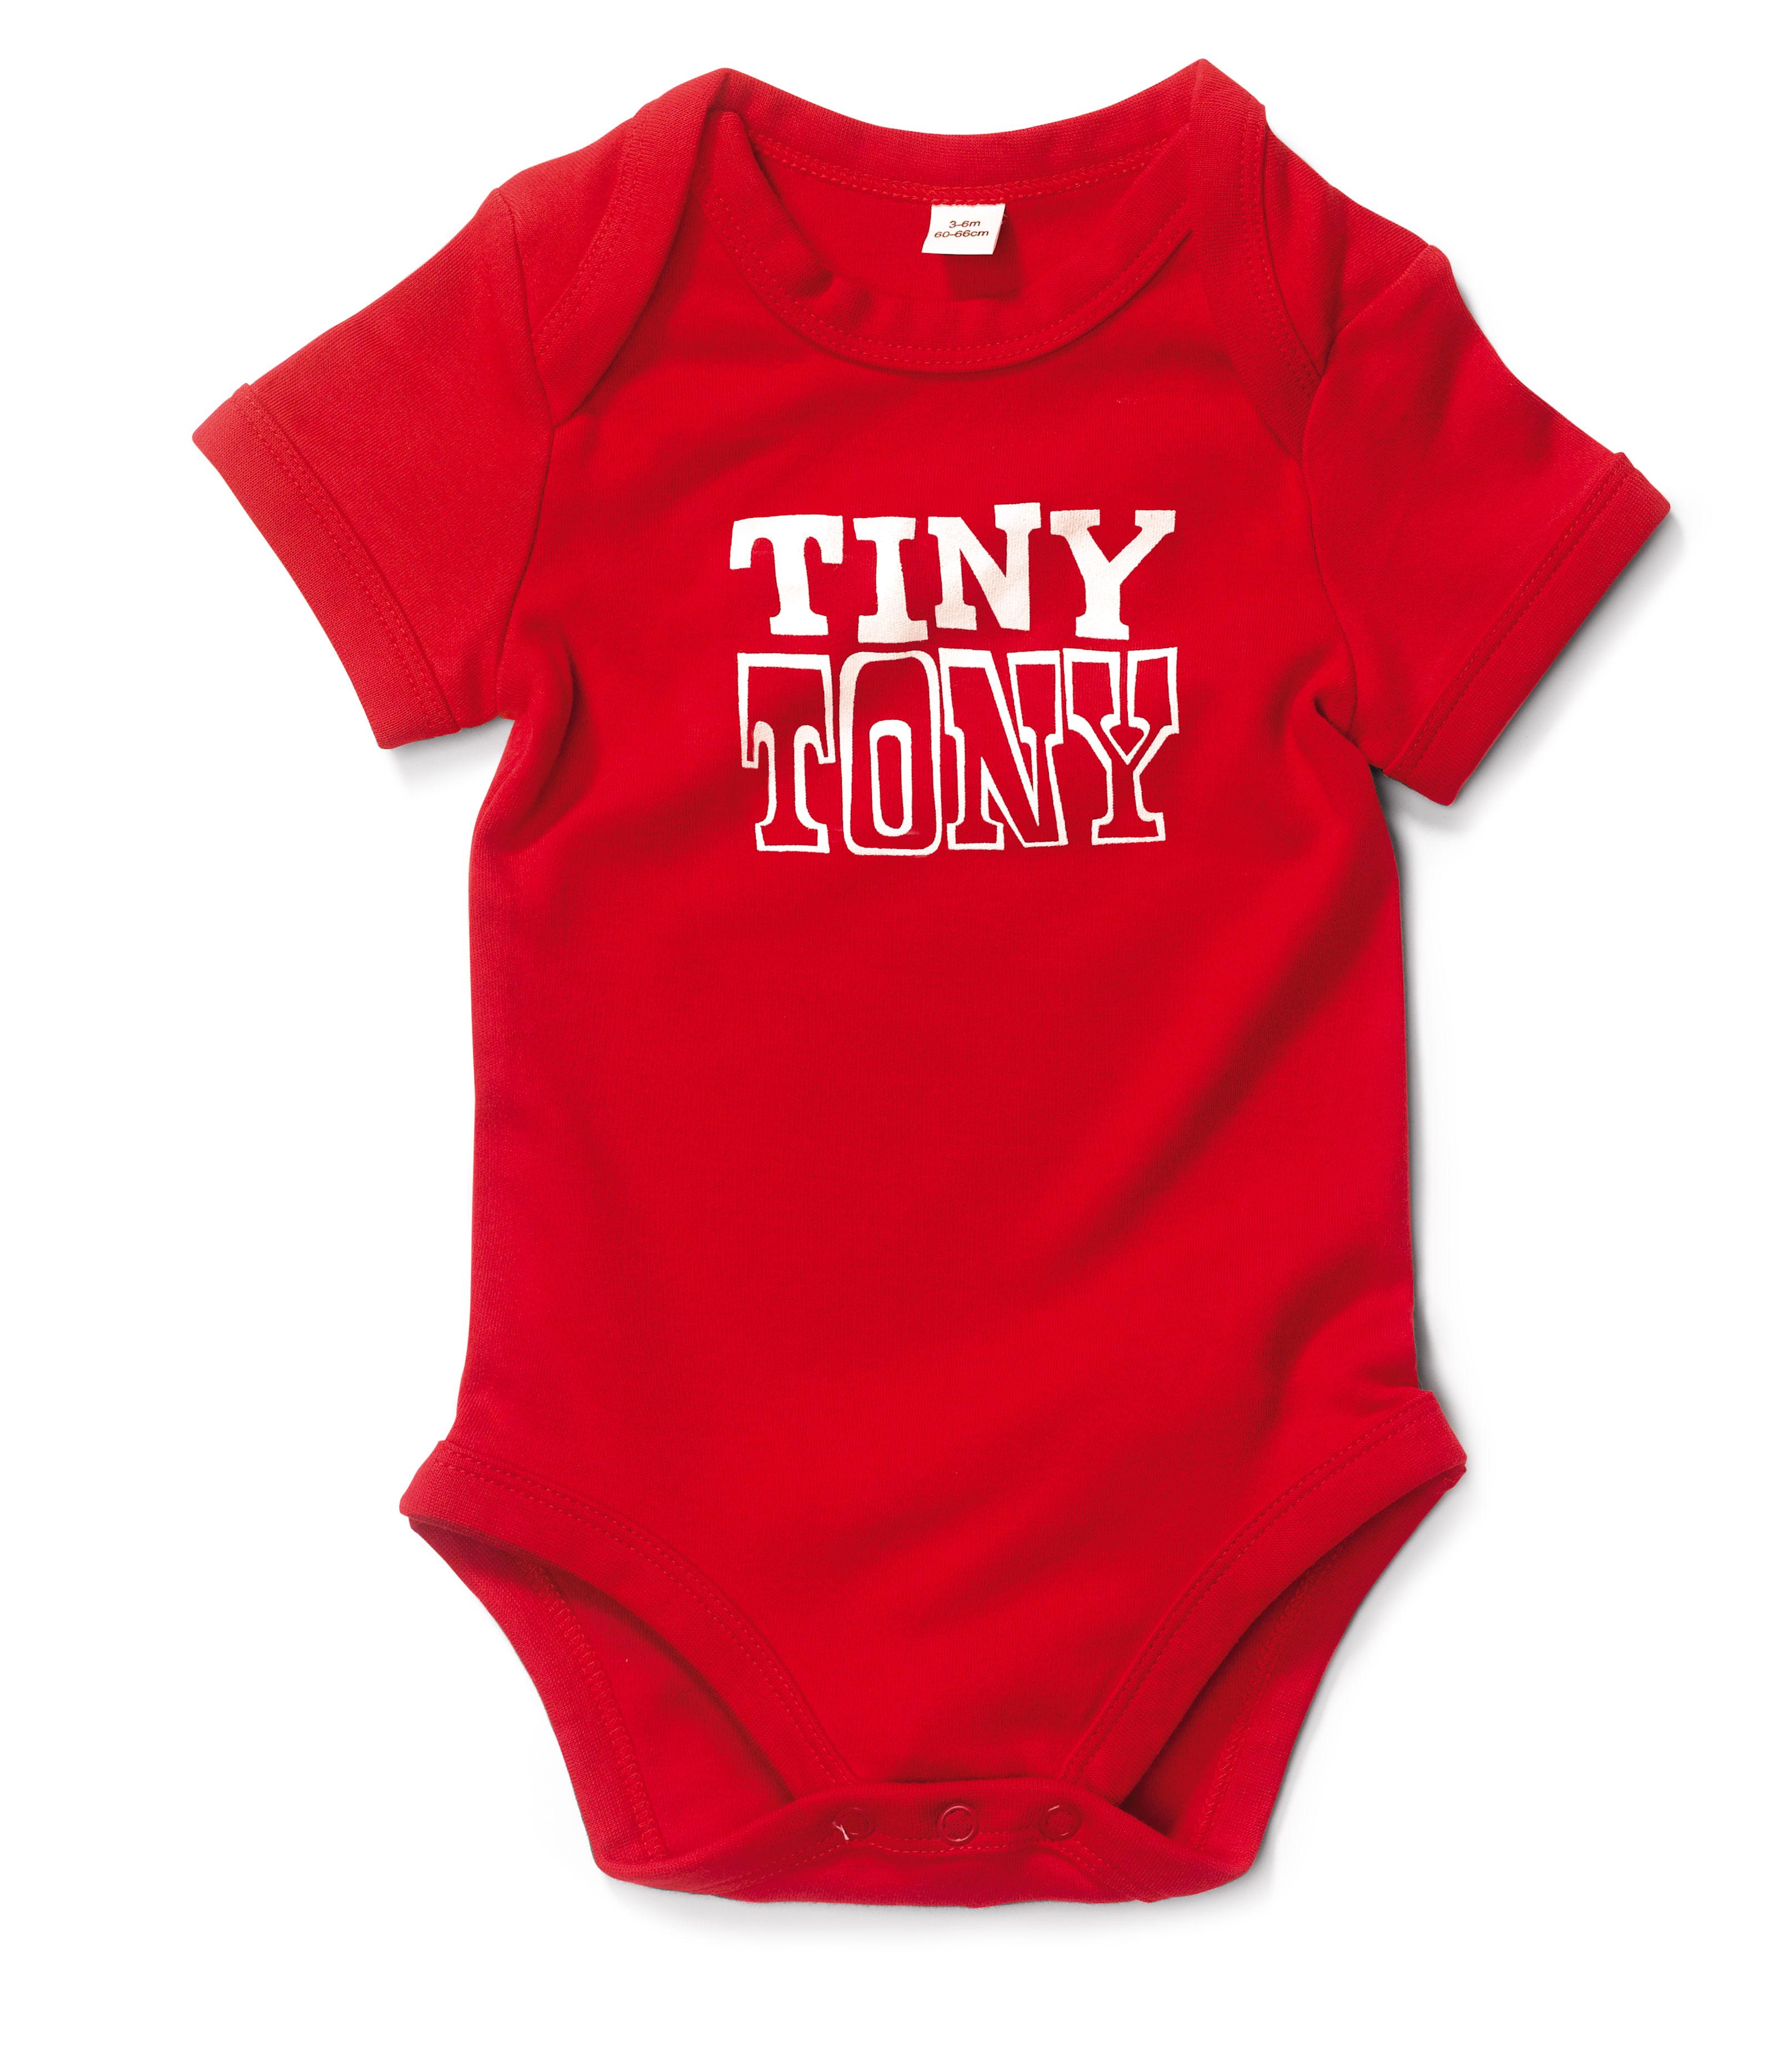 romper red Tiny Tony